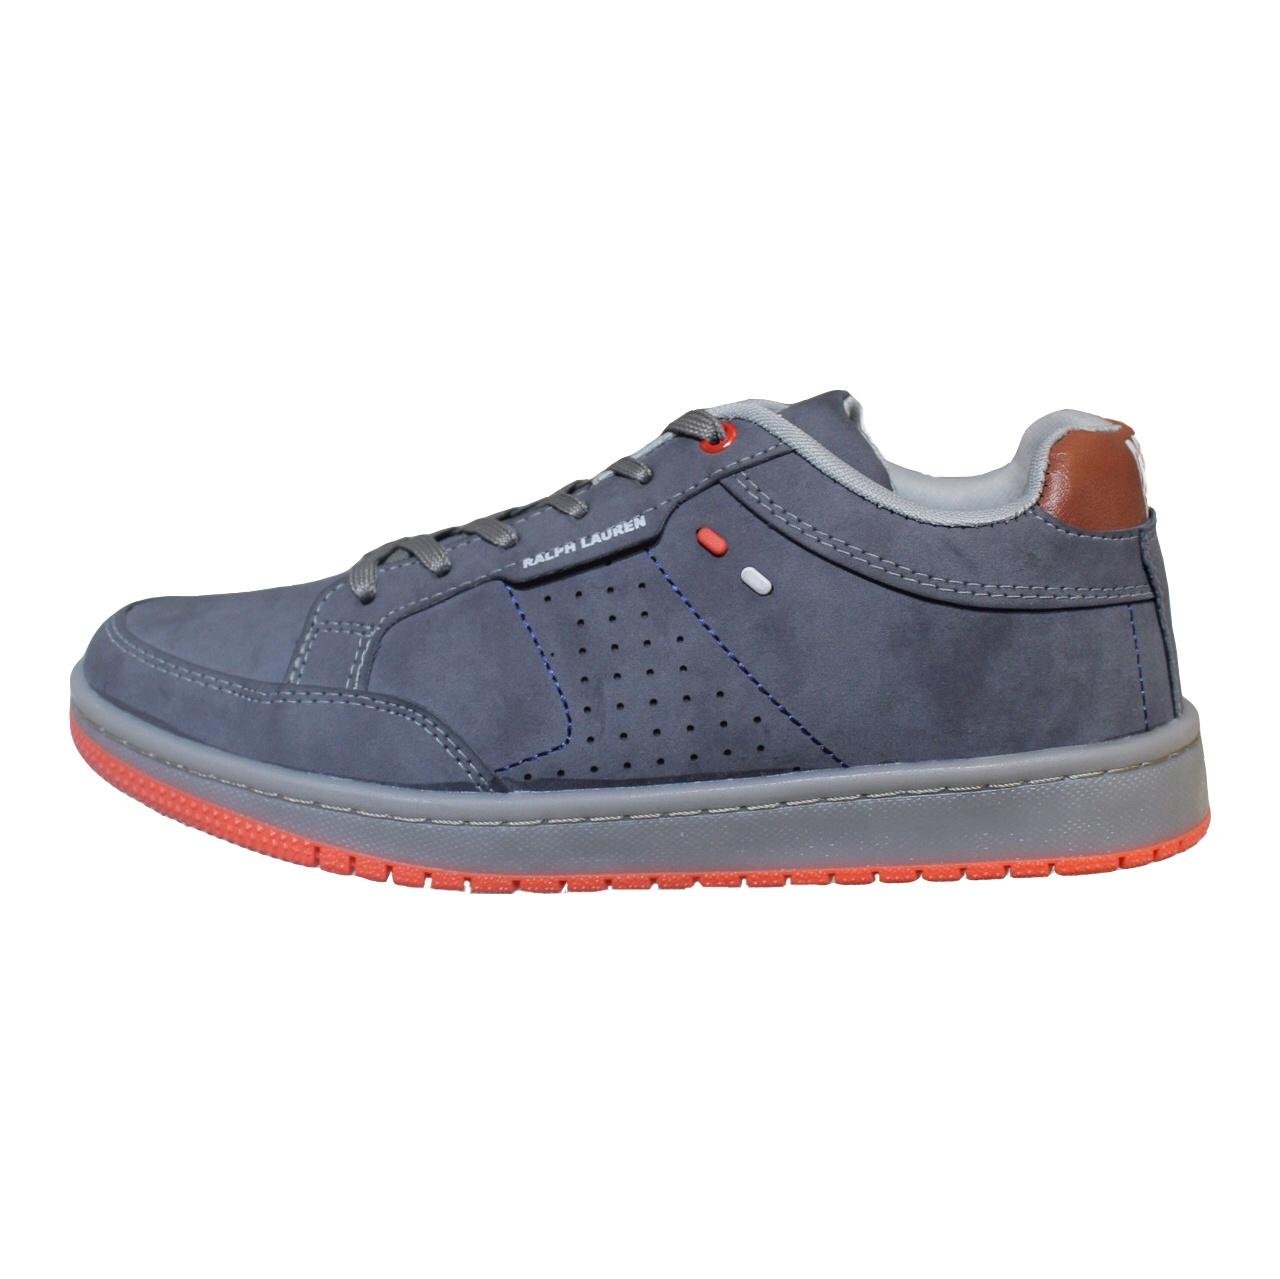 خرید                      کفش  پیاده روی مردانه کد po-tu001